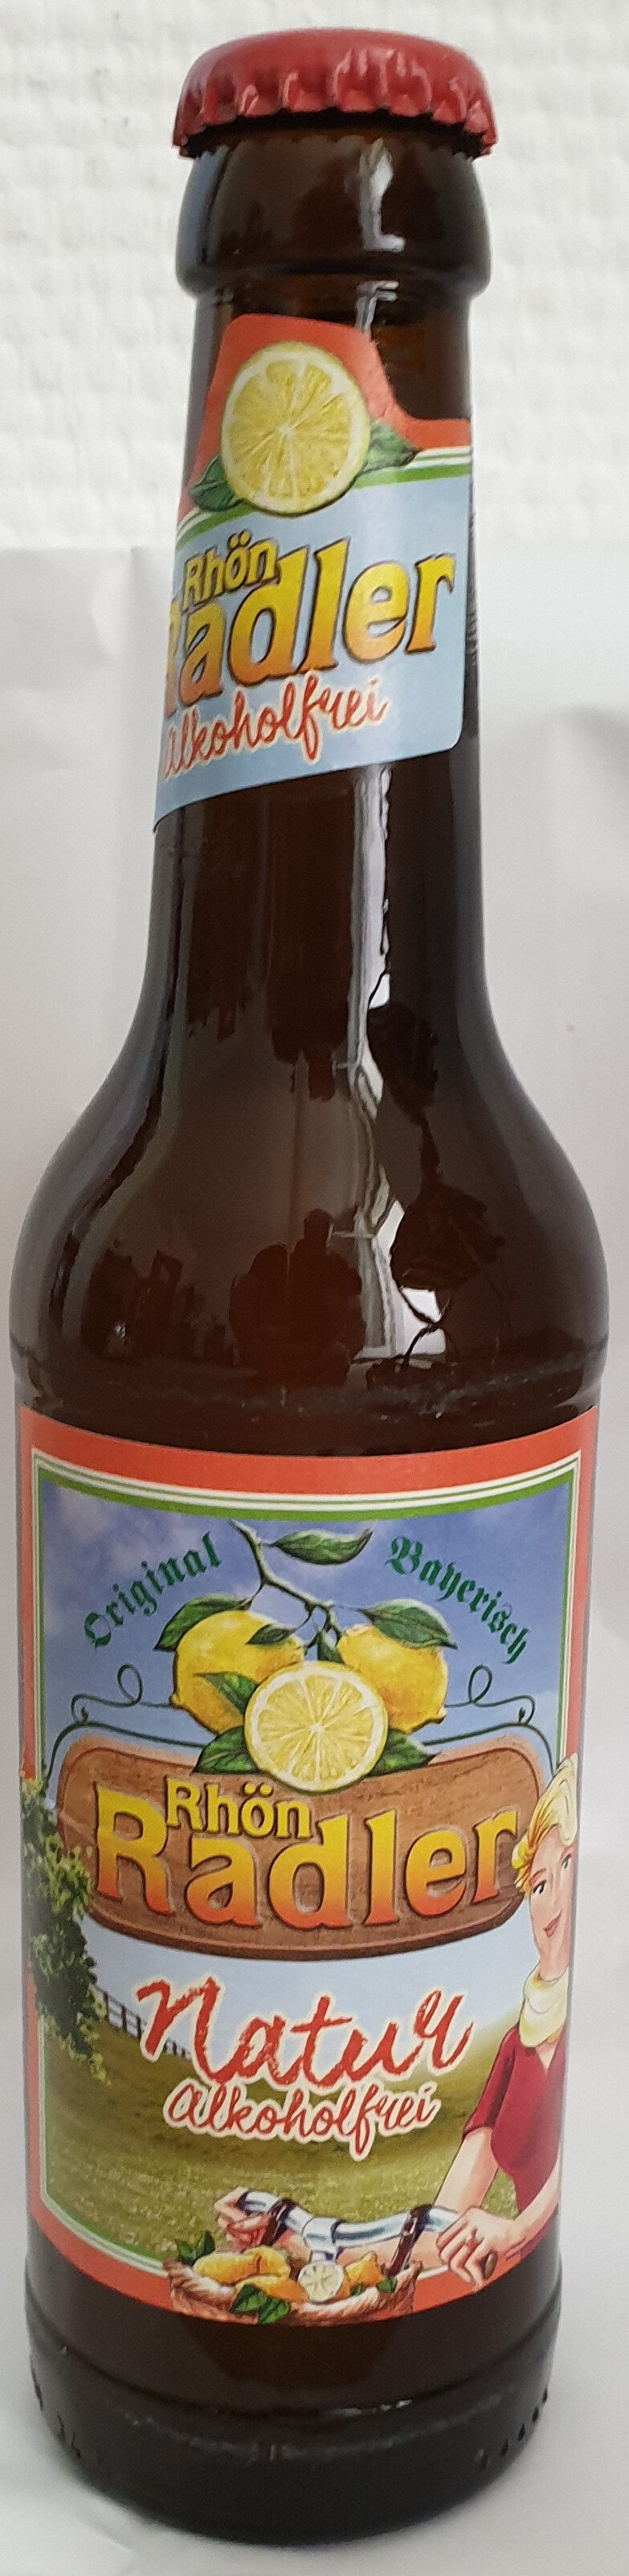 Natur alkoholfrei - Product - de